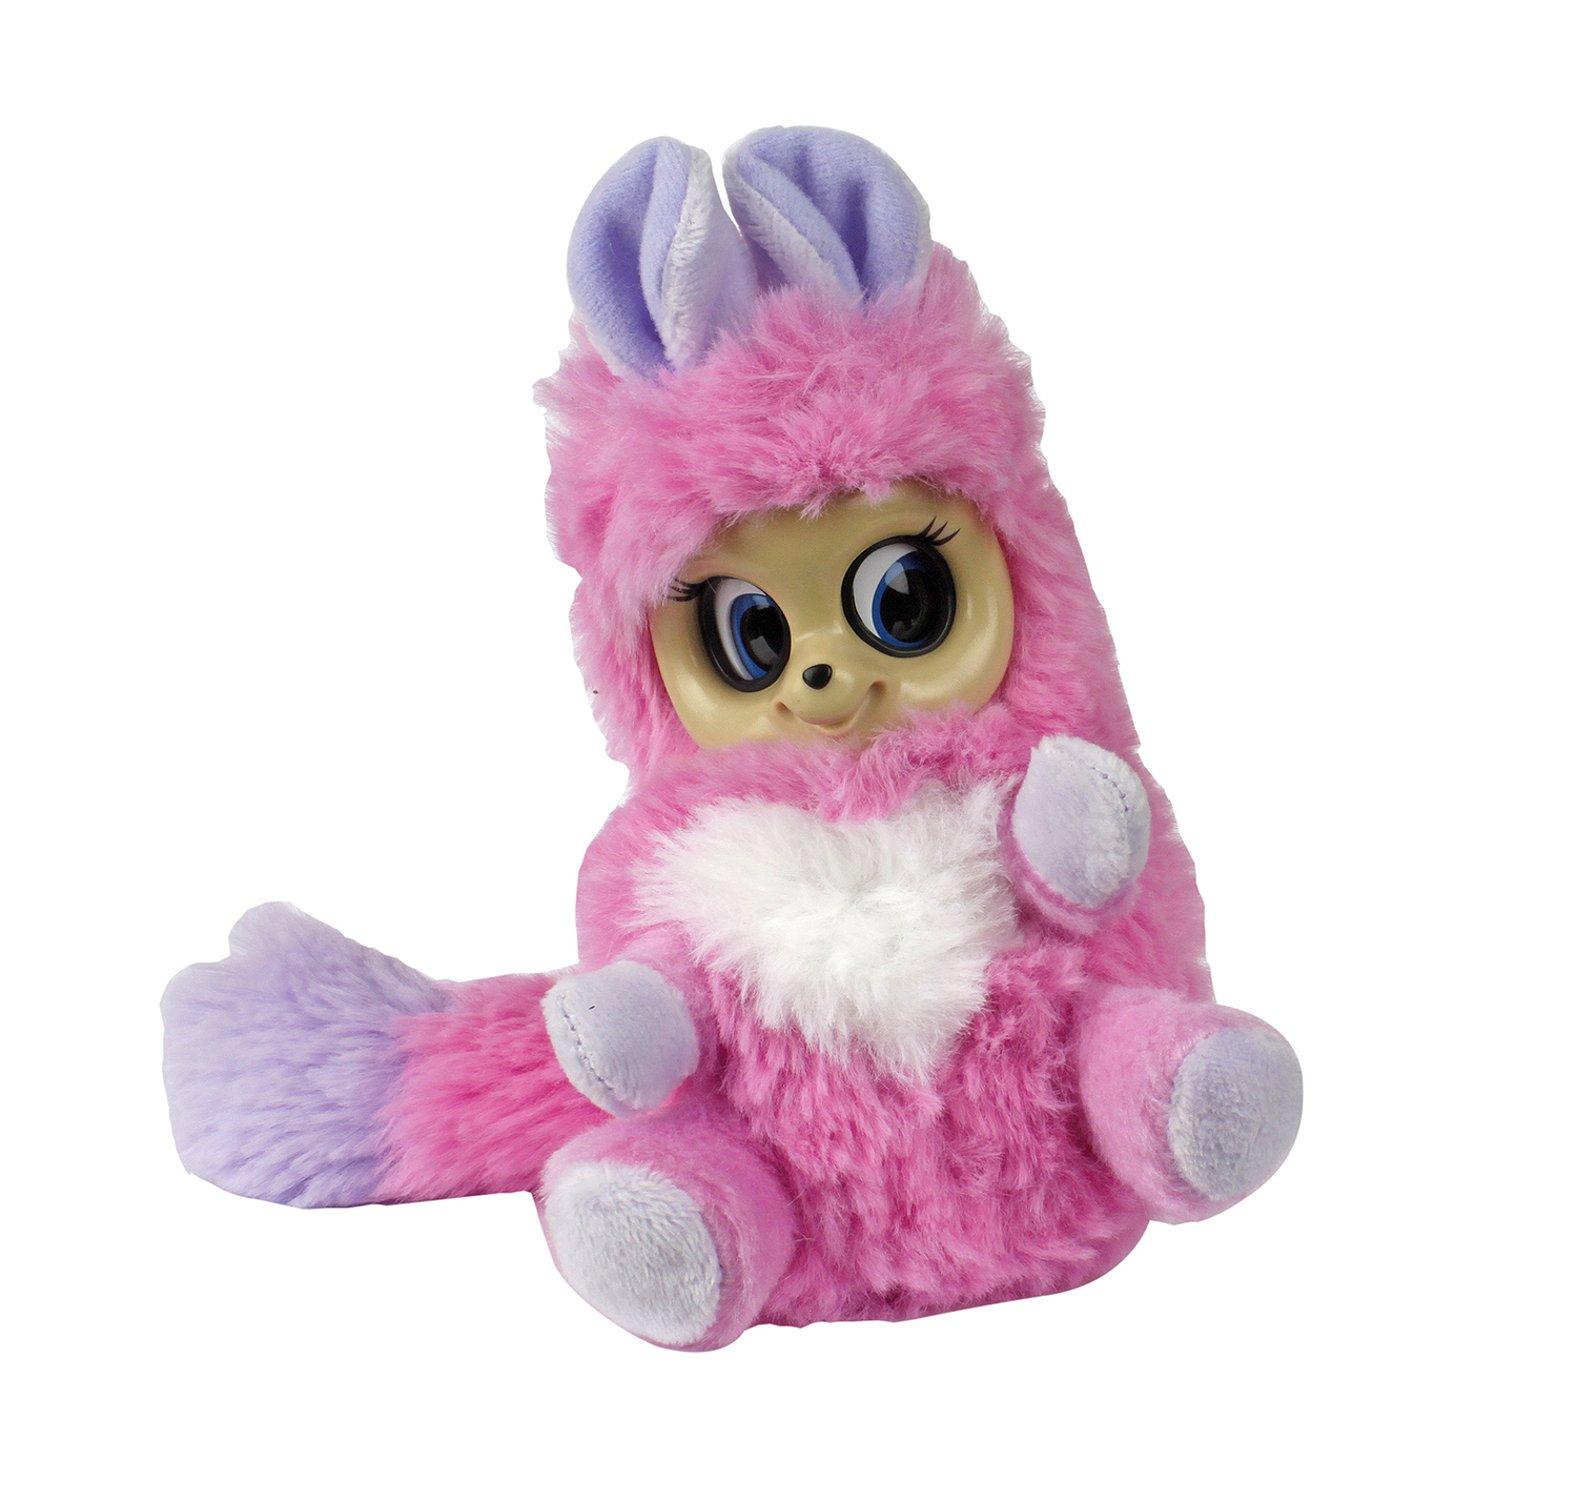 Купить Мягкая игрушка из серии Пушастик Bush Baby, розовая